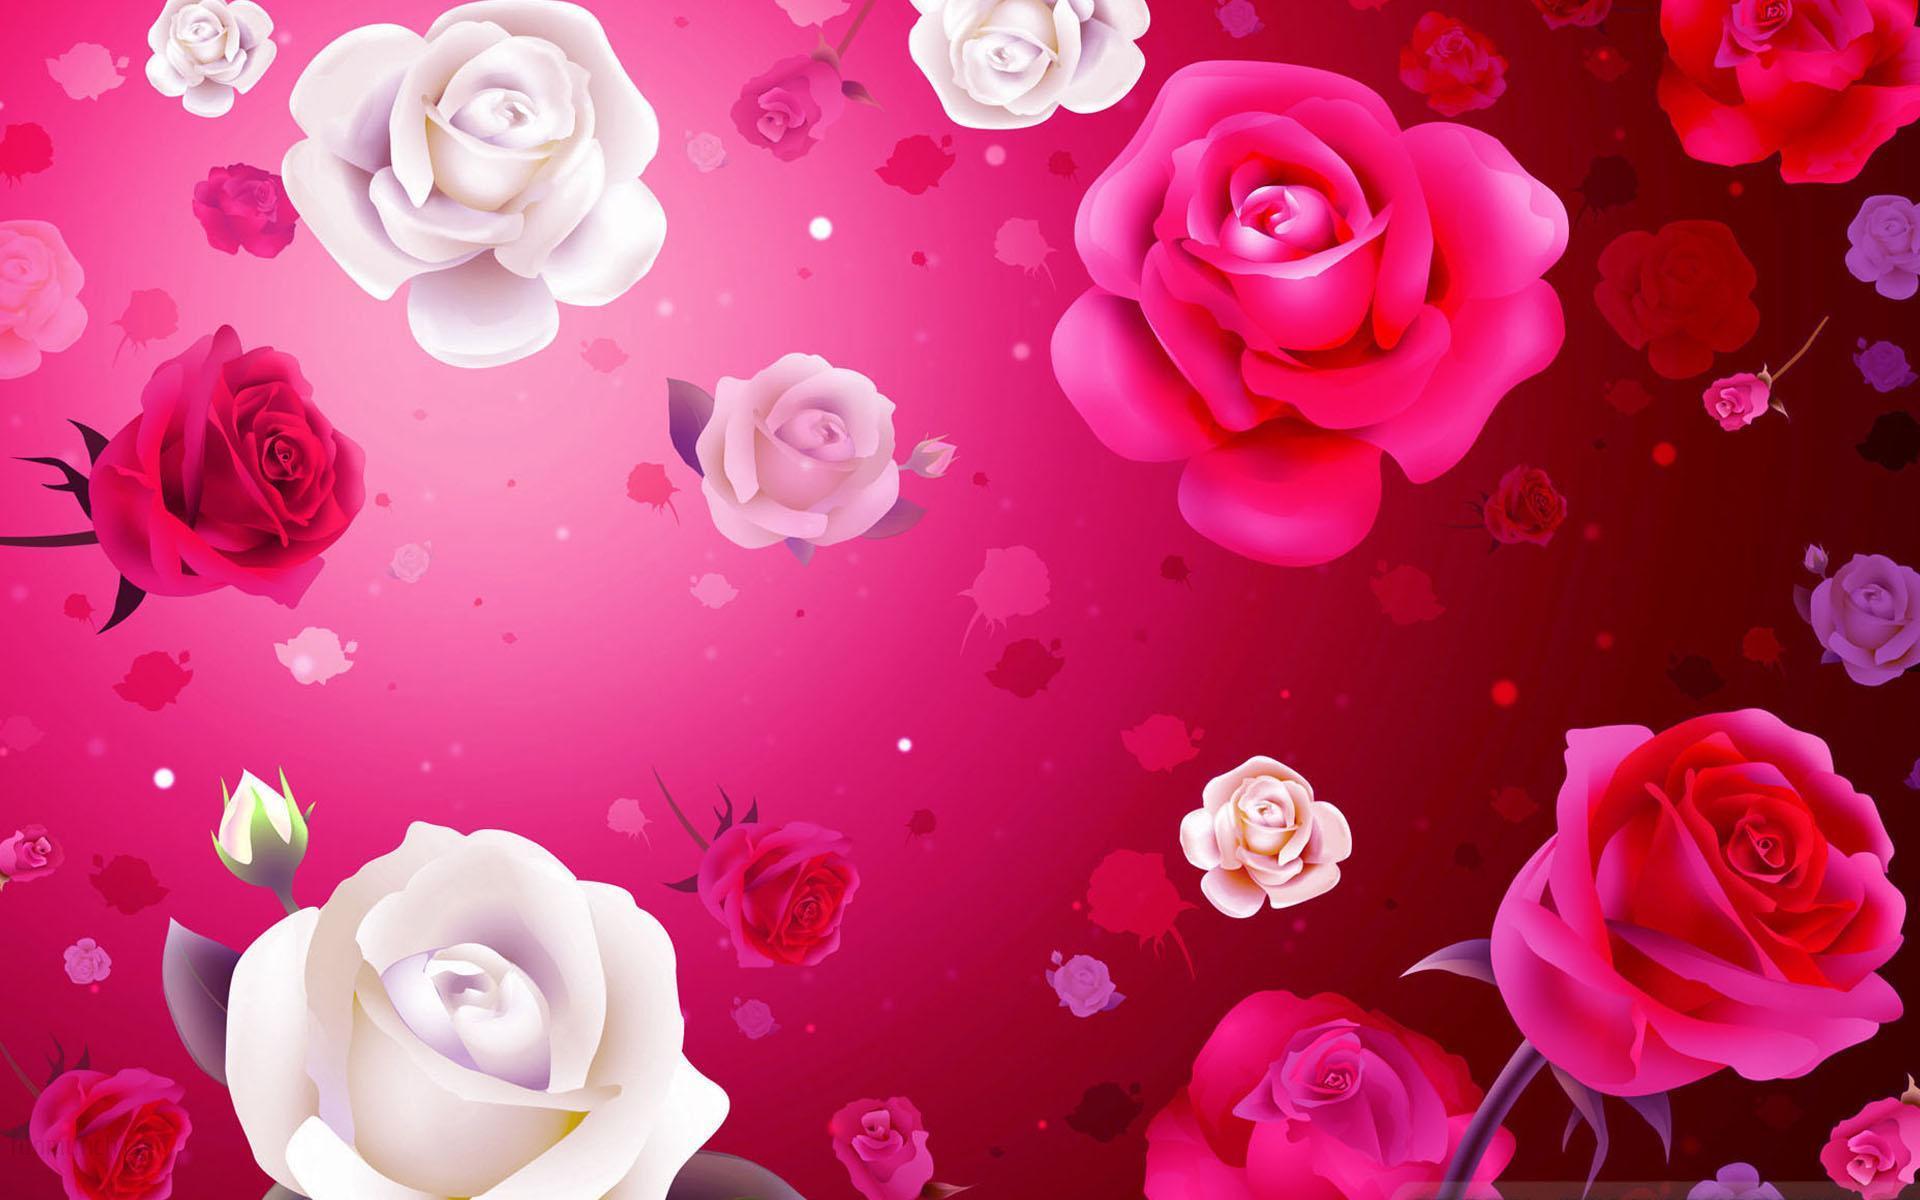 Valentines Day 2014 Desktop Background   Wallpaper High 1920x1200